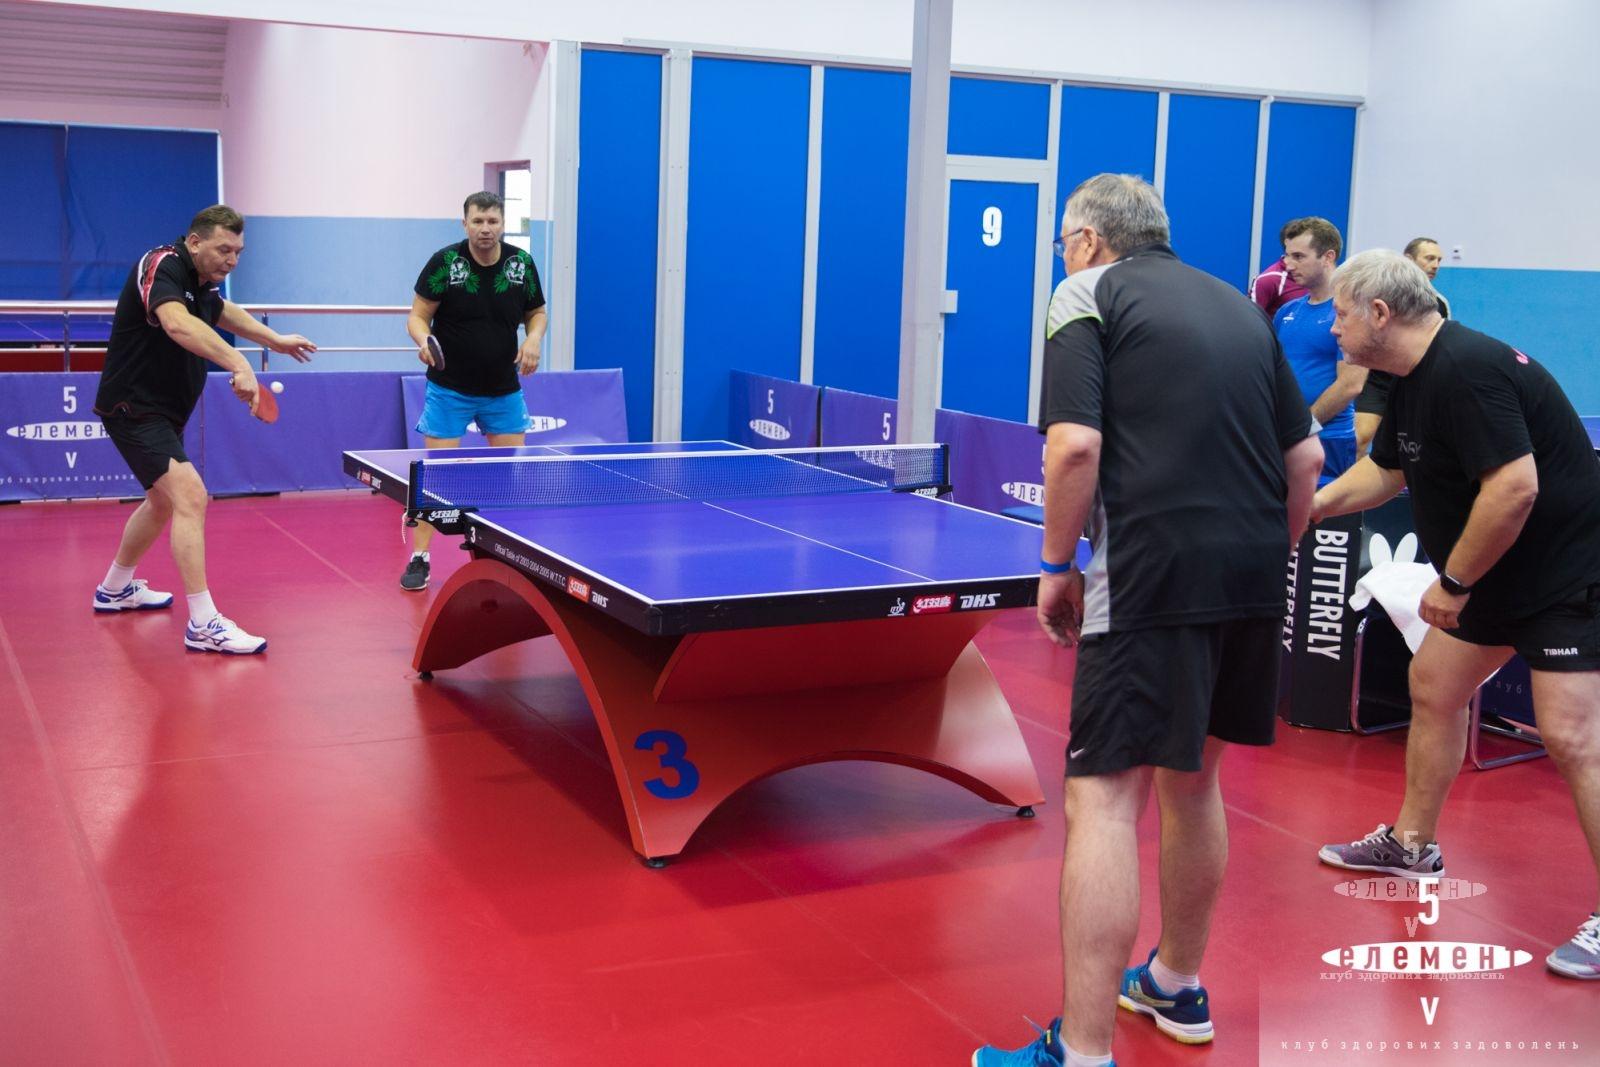 Ежегодный парный турнир по настольному теннису— фитнес-клуб 5 элемент